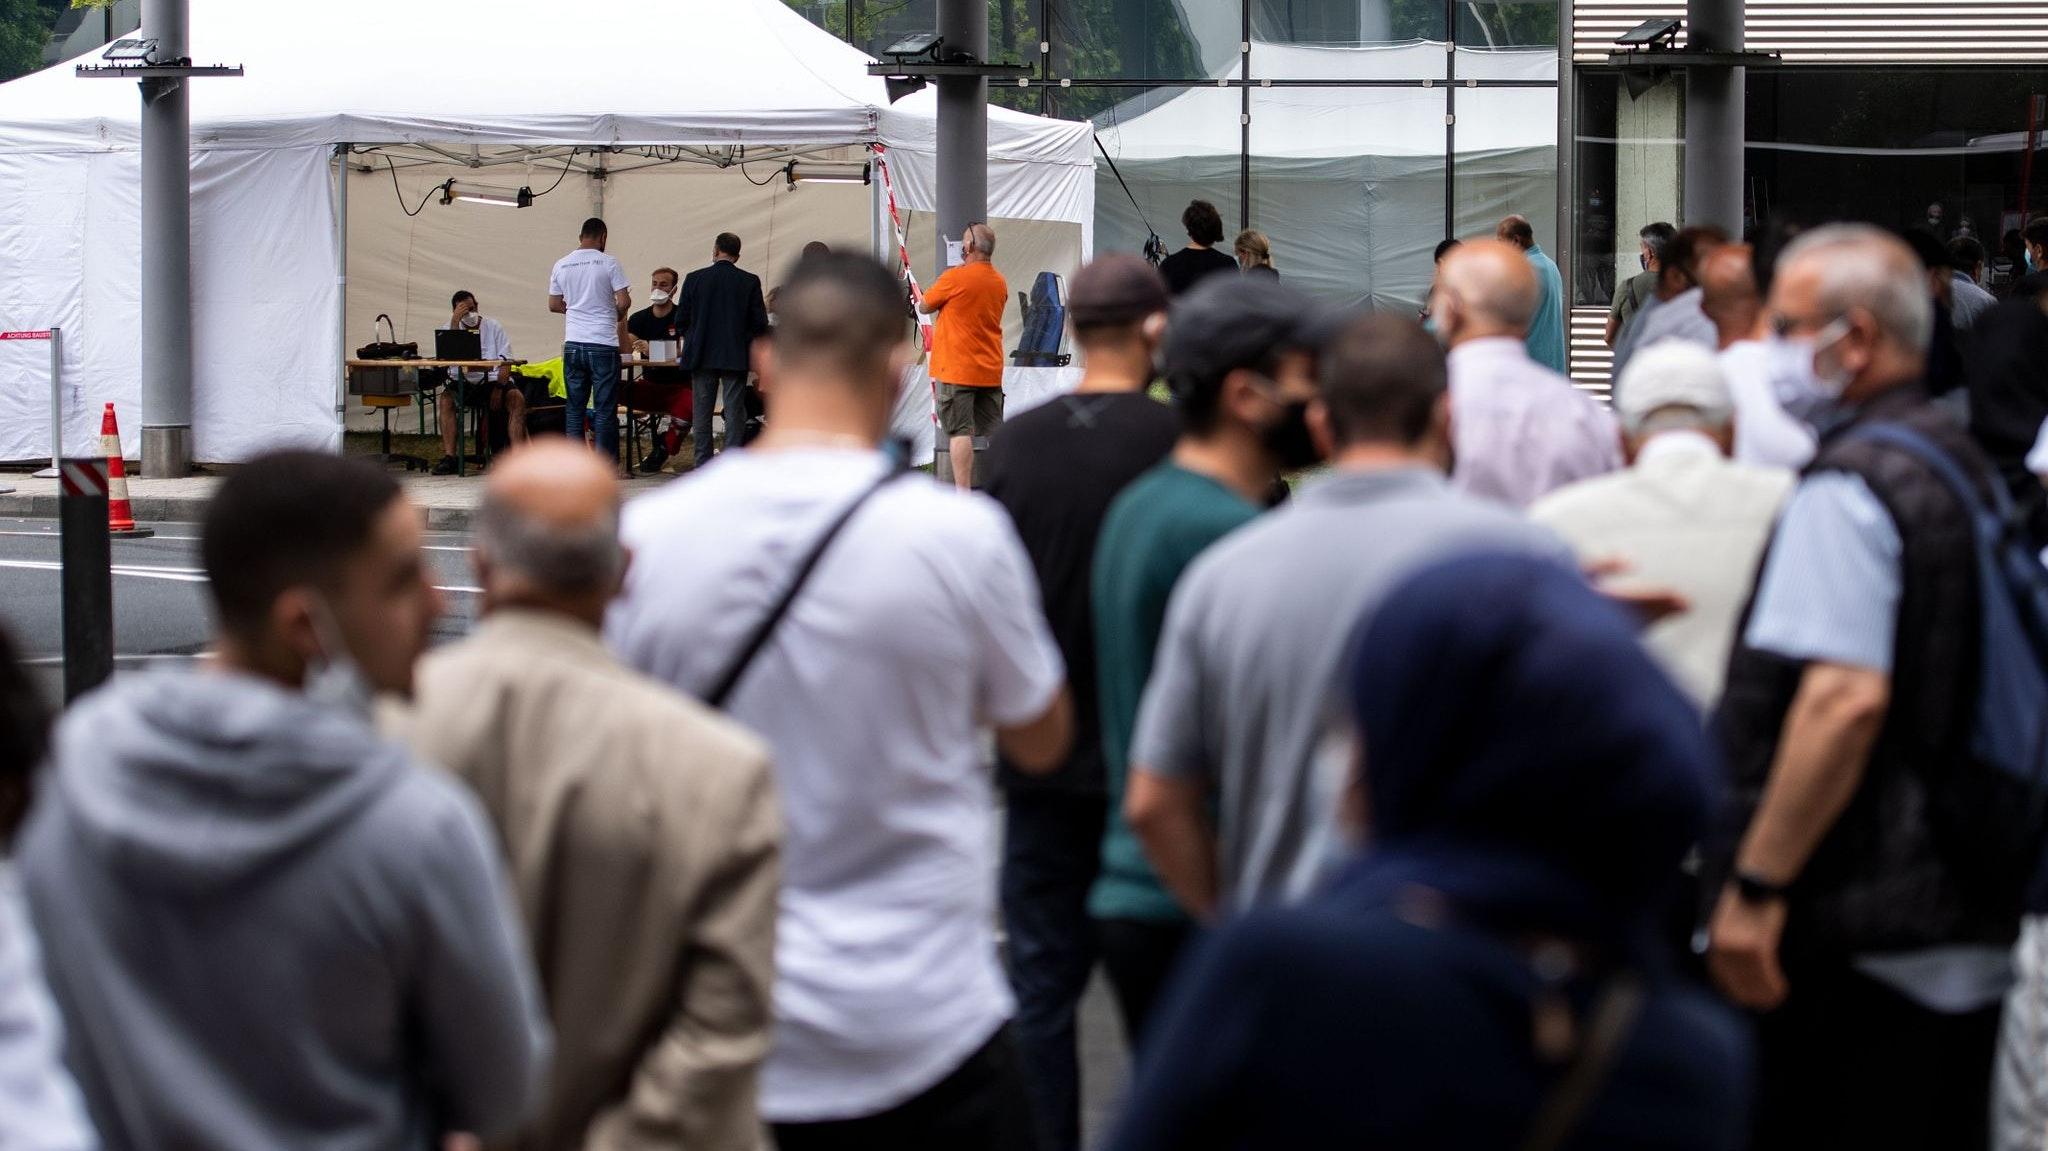 Bereits seit dem Wochenende sind freiwillige Tests für Rückkehrer aus Risikogebieten auf mehreren deutschen Flughäfen -wie hier am Flughafen Flughafen Köln/Bonn - möglich. Foto: dpa/Becker